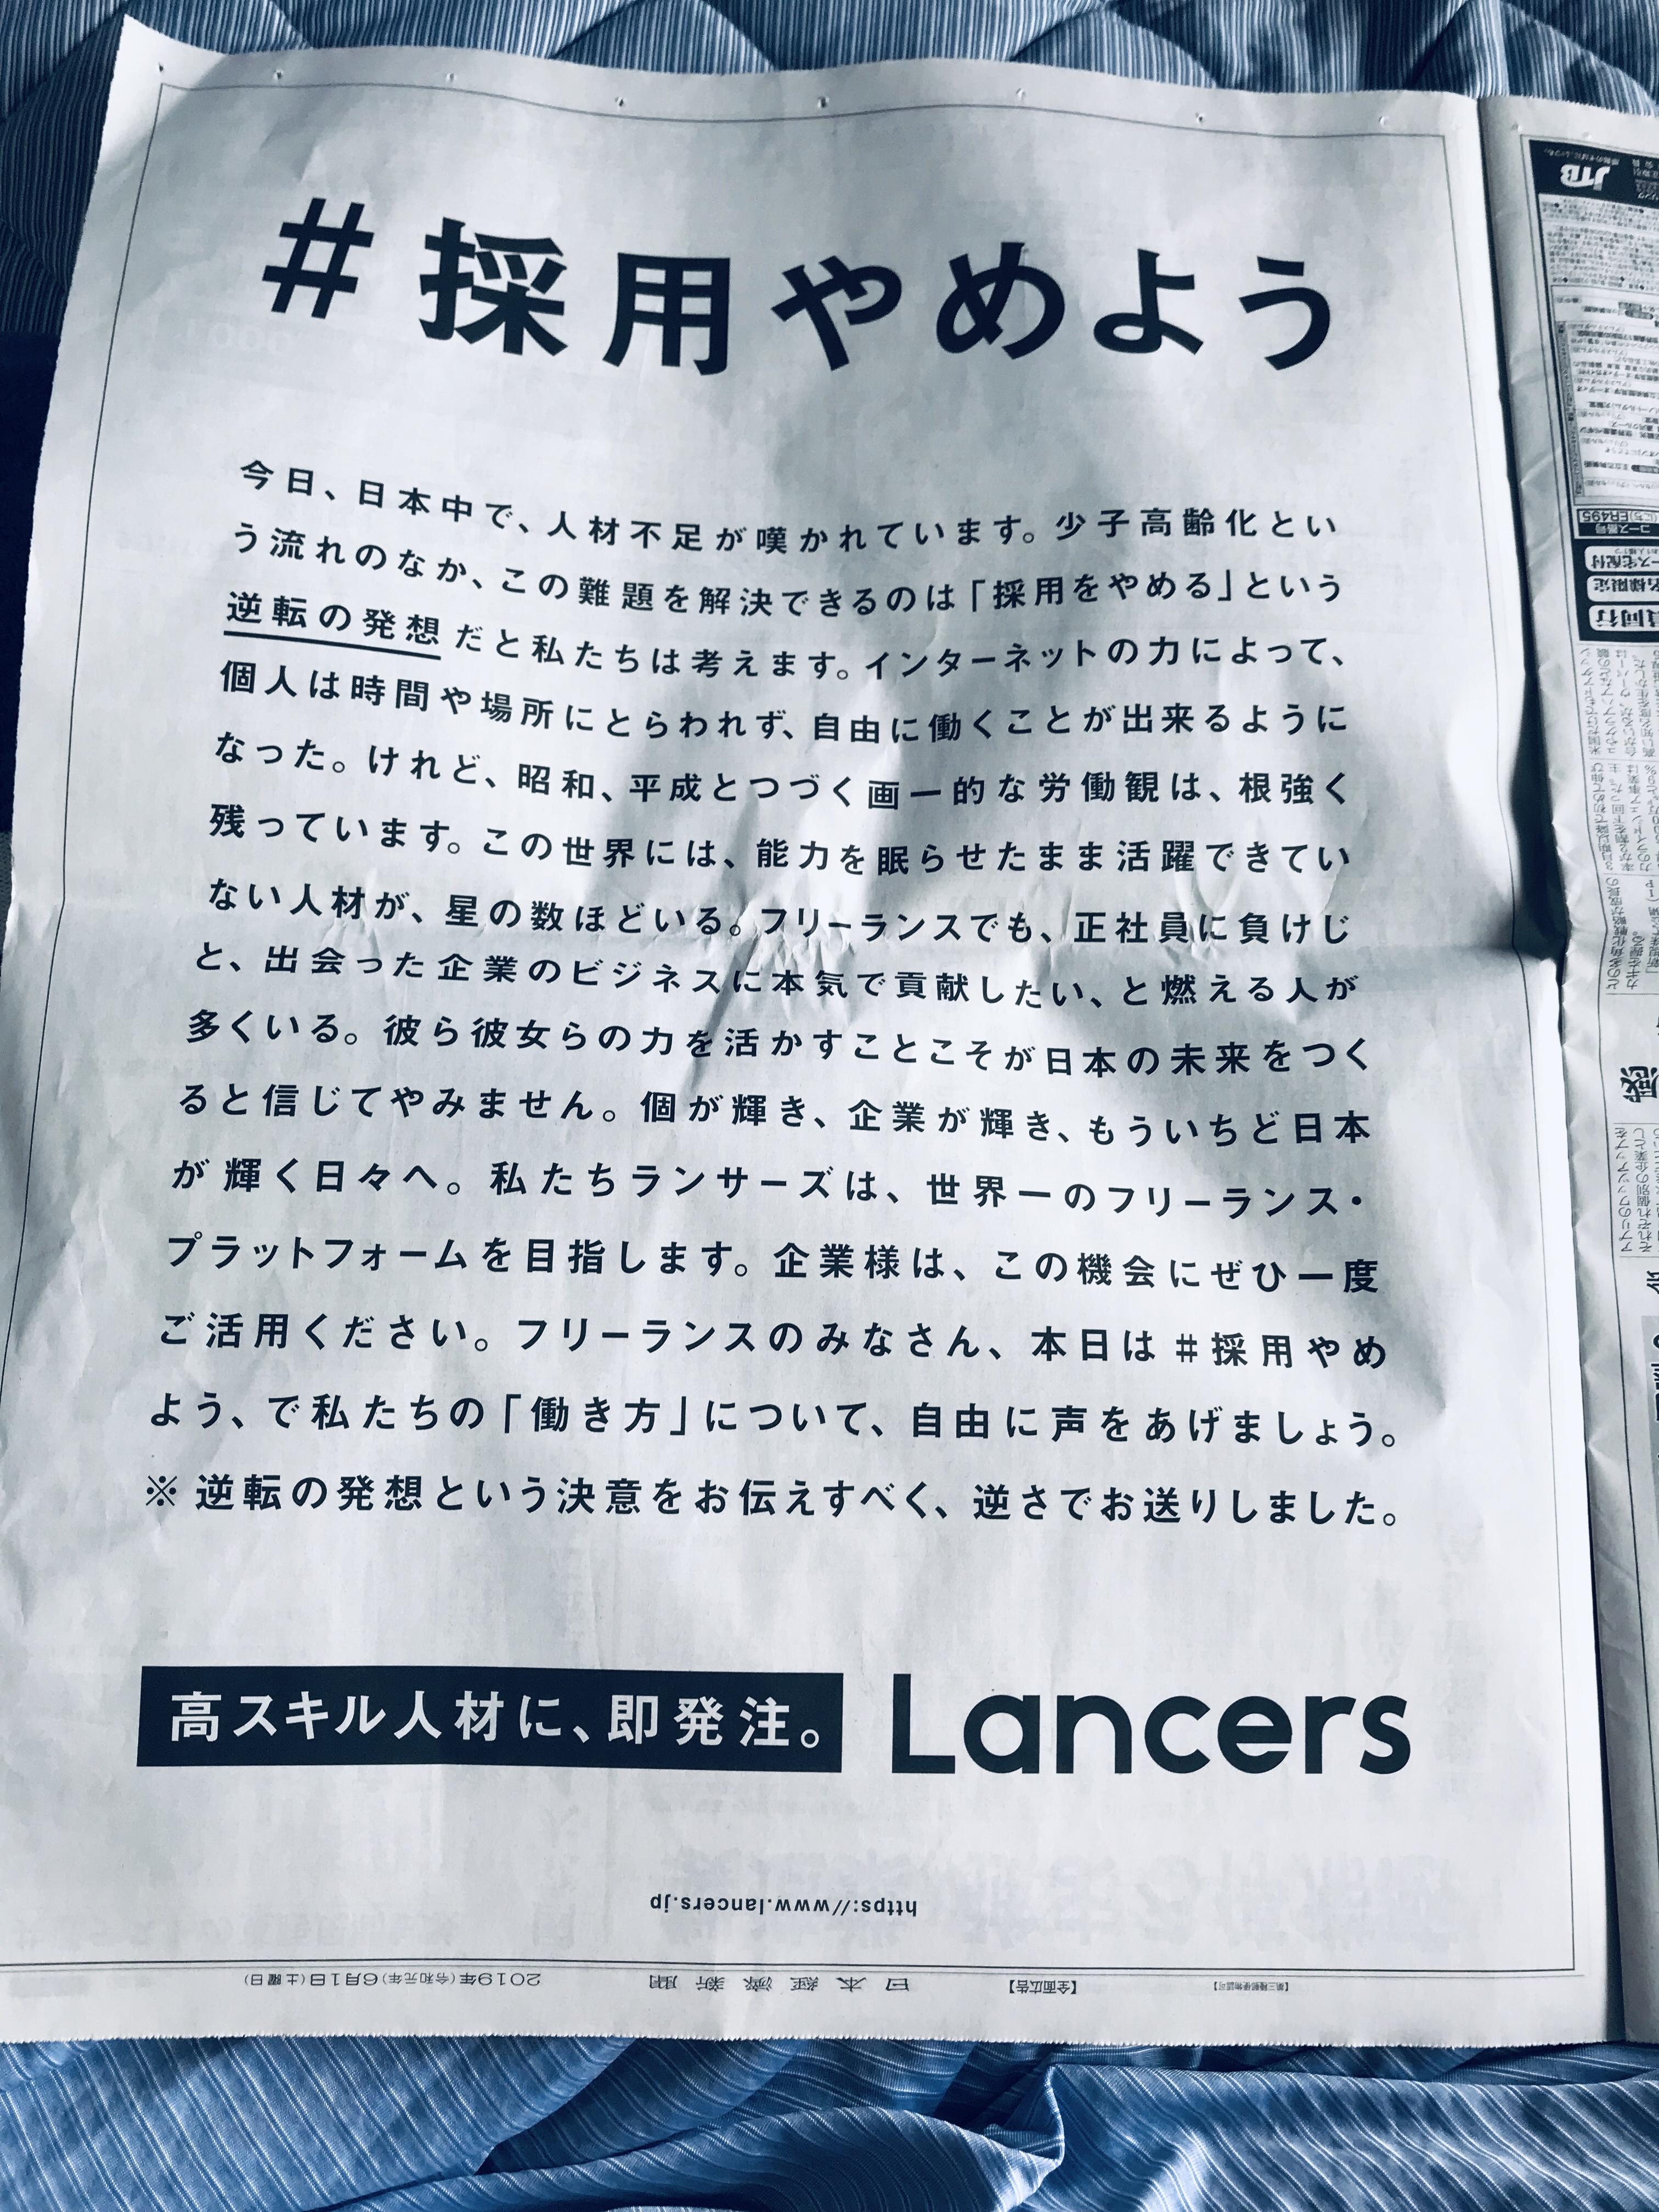 逆さまの広告 ランサーズ #採用やめよう 4